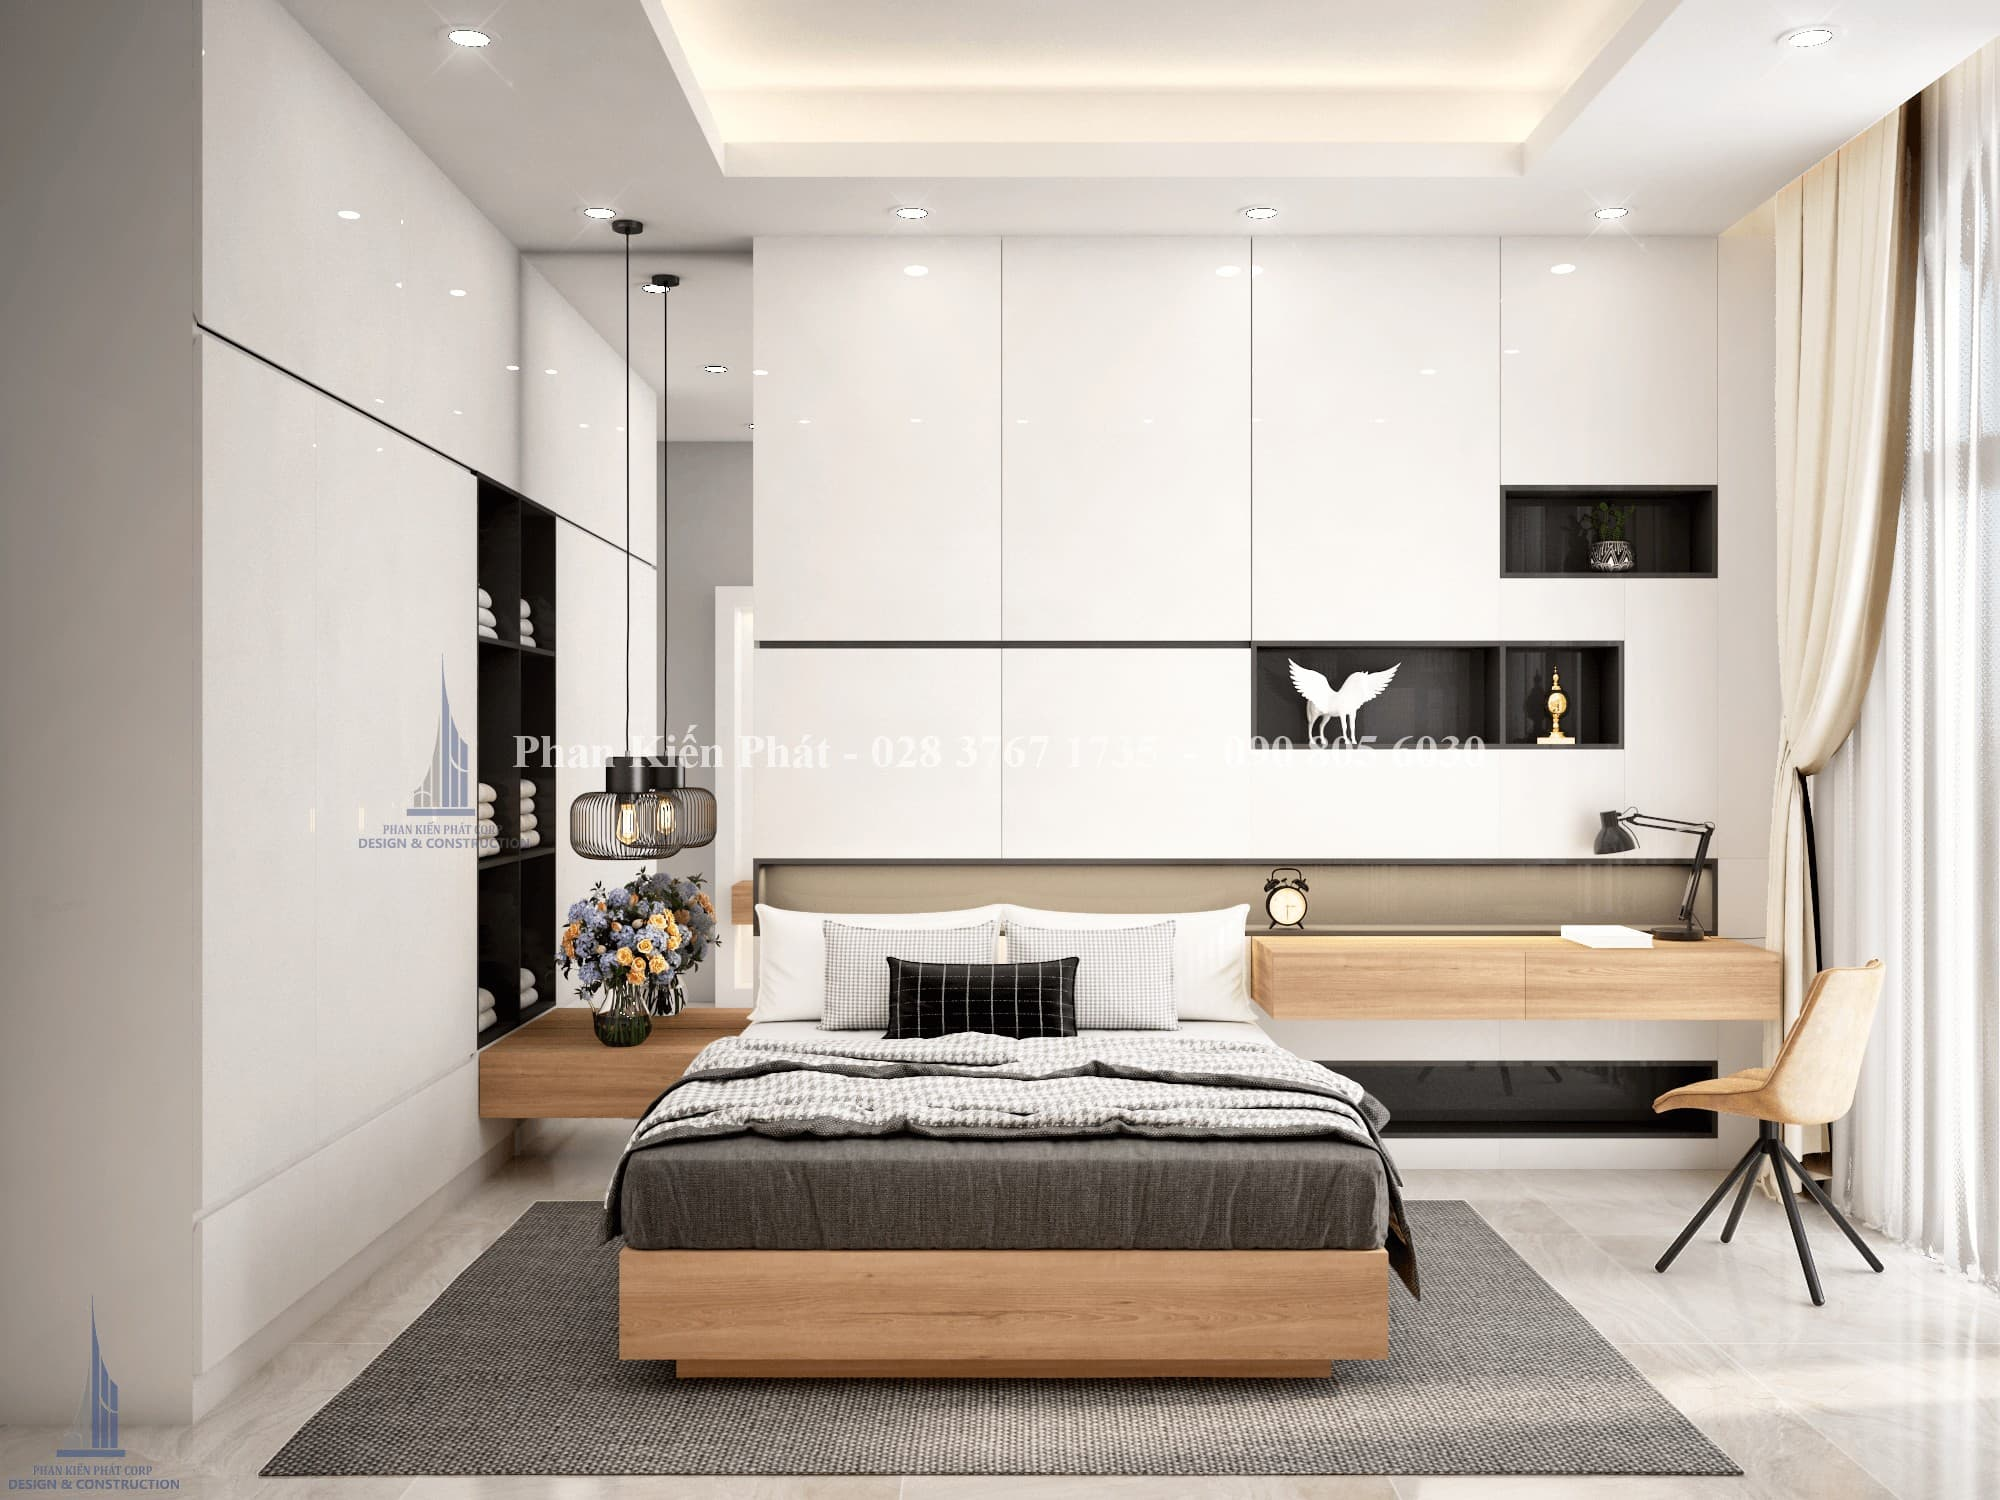 Thiet Ke Noi That Phong Ngu 2 View 1.png - mẫu biệt thự 3 tầng mái thái